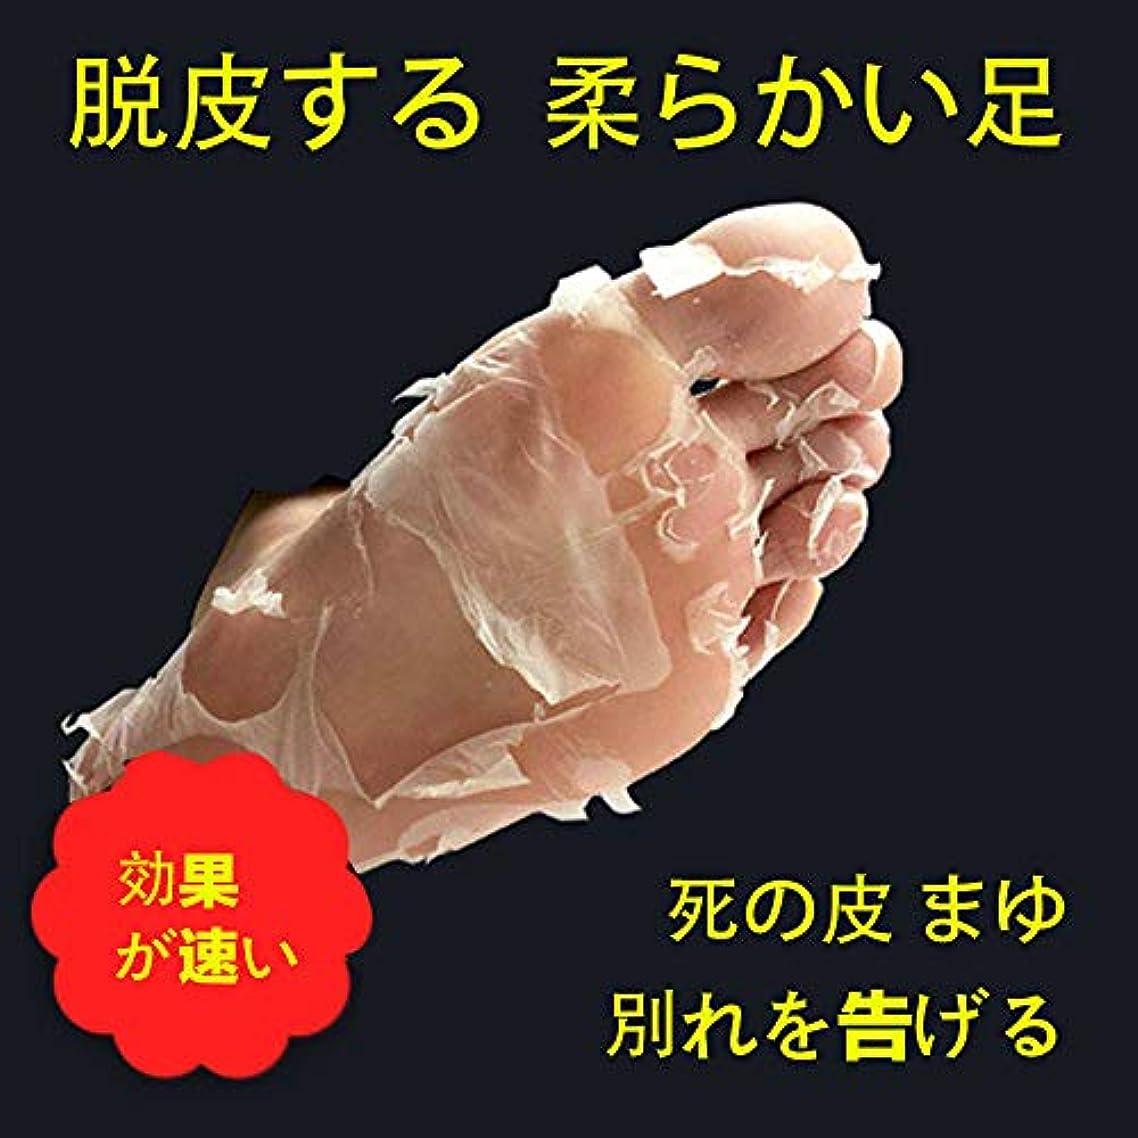 インレイ囚人悲惨なFOYAGE エクスフォリエイティングスエードフットフィルム1袋40ml(2フィートセット付き)7日肌の変化は刺激的ではありません 1袋